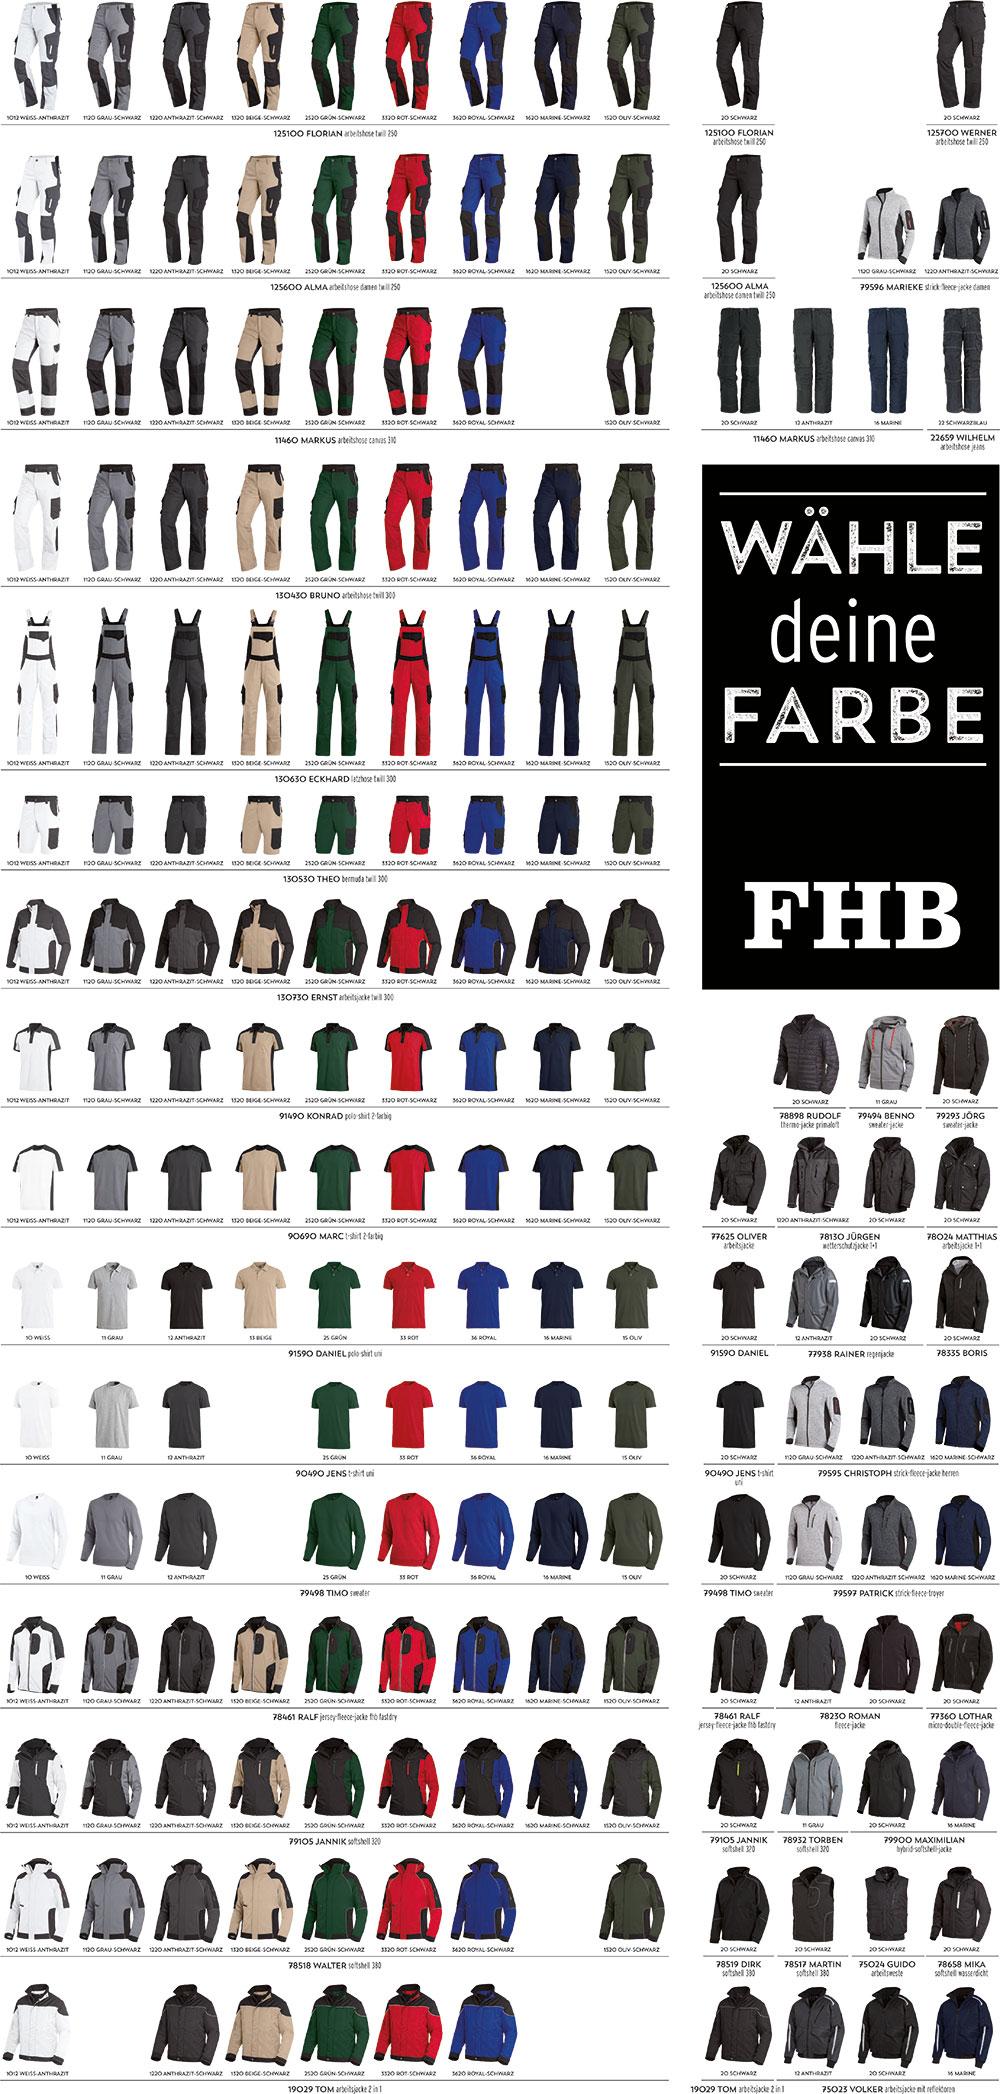 FHB Wähle deine Farbe